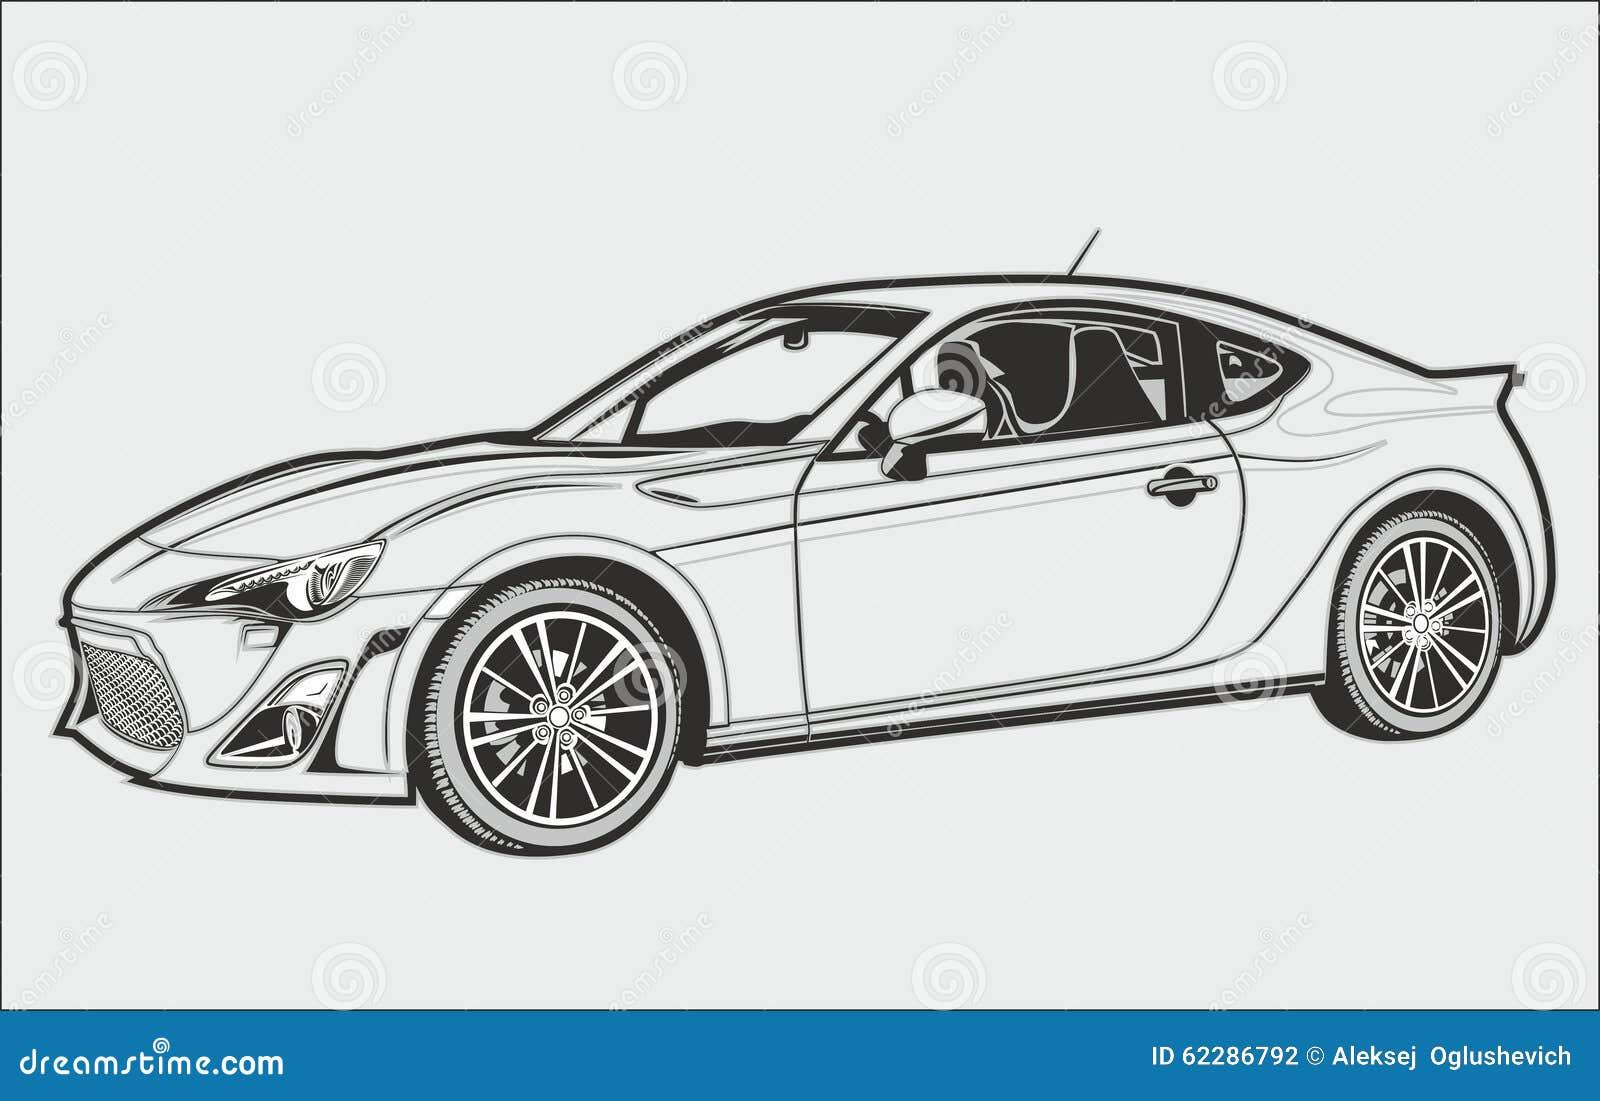 The conceptual car